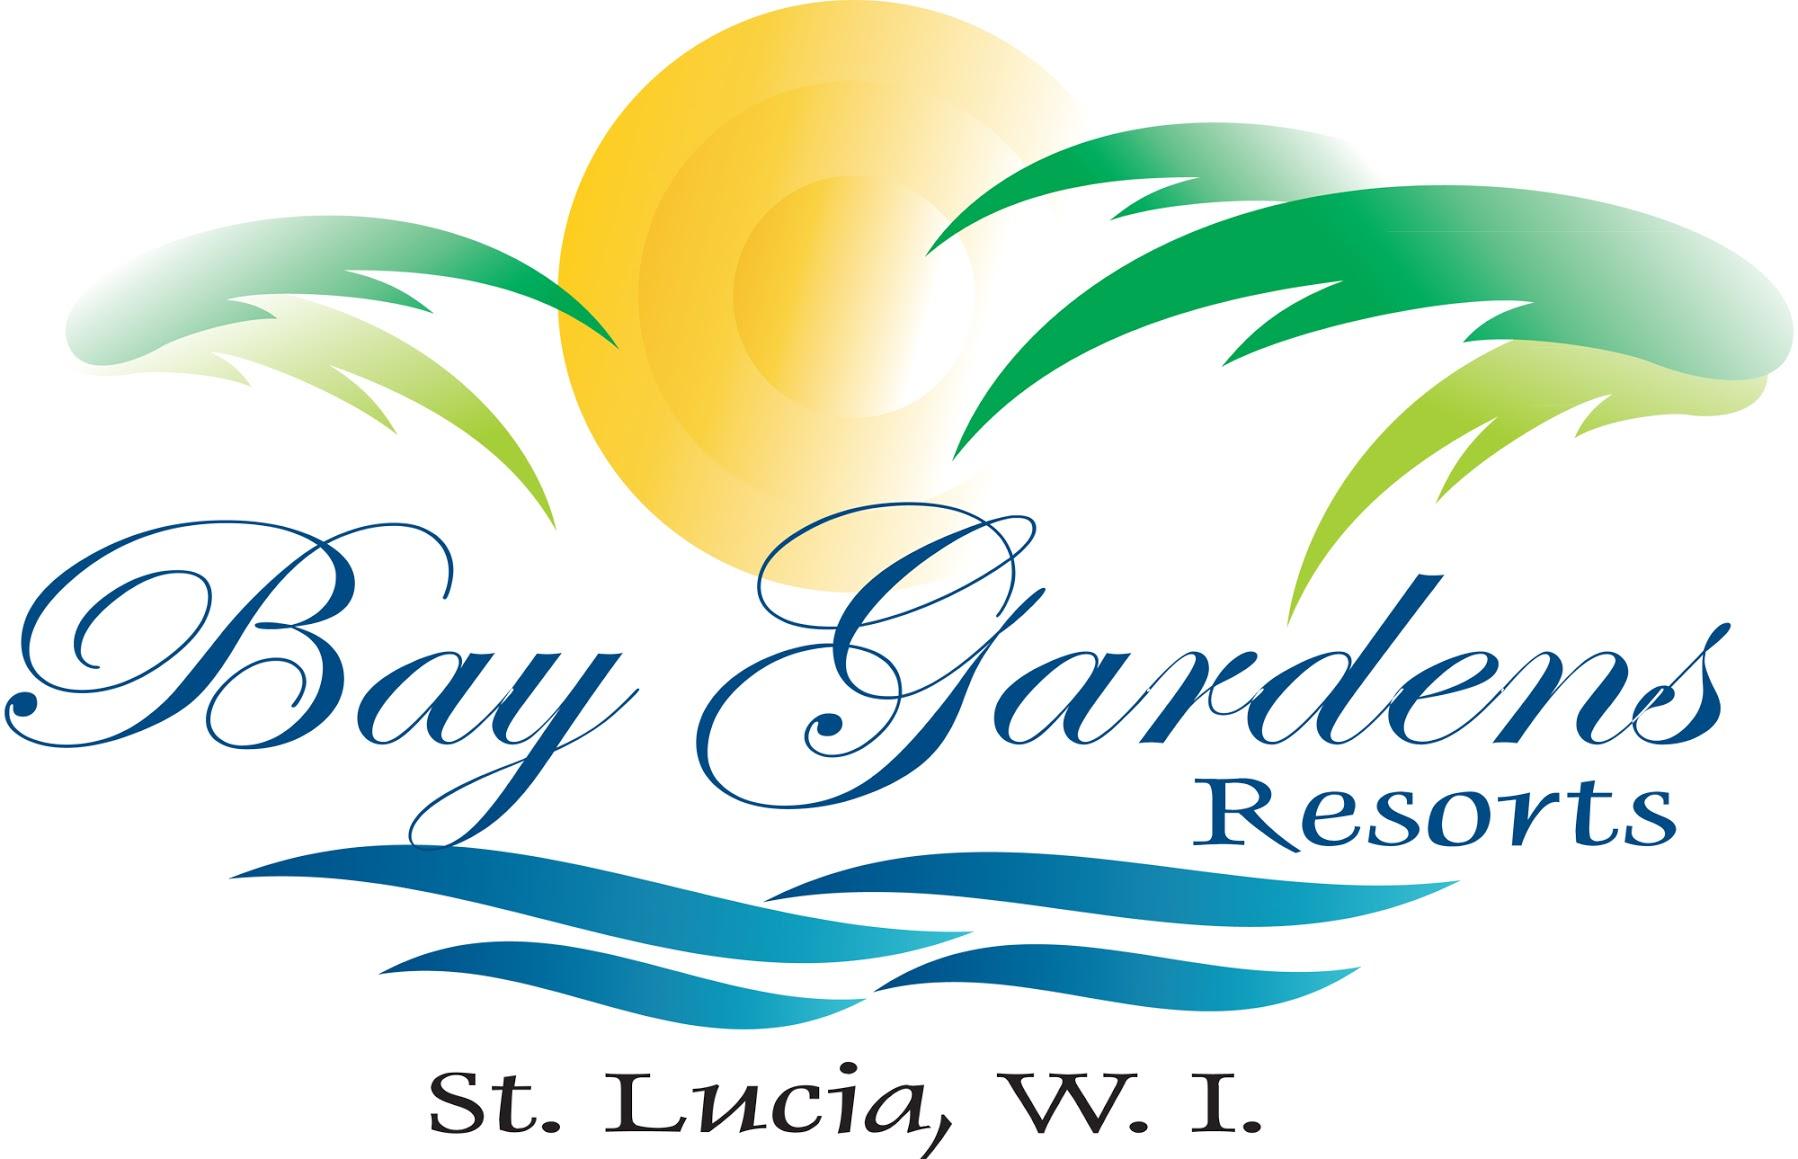 Bay Gardens Resorts & Spa